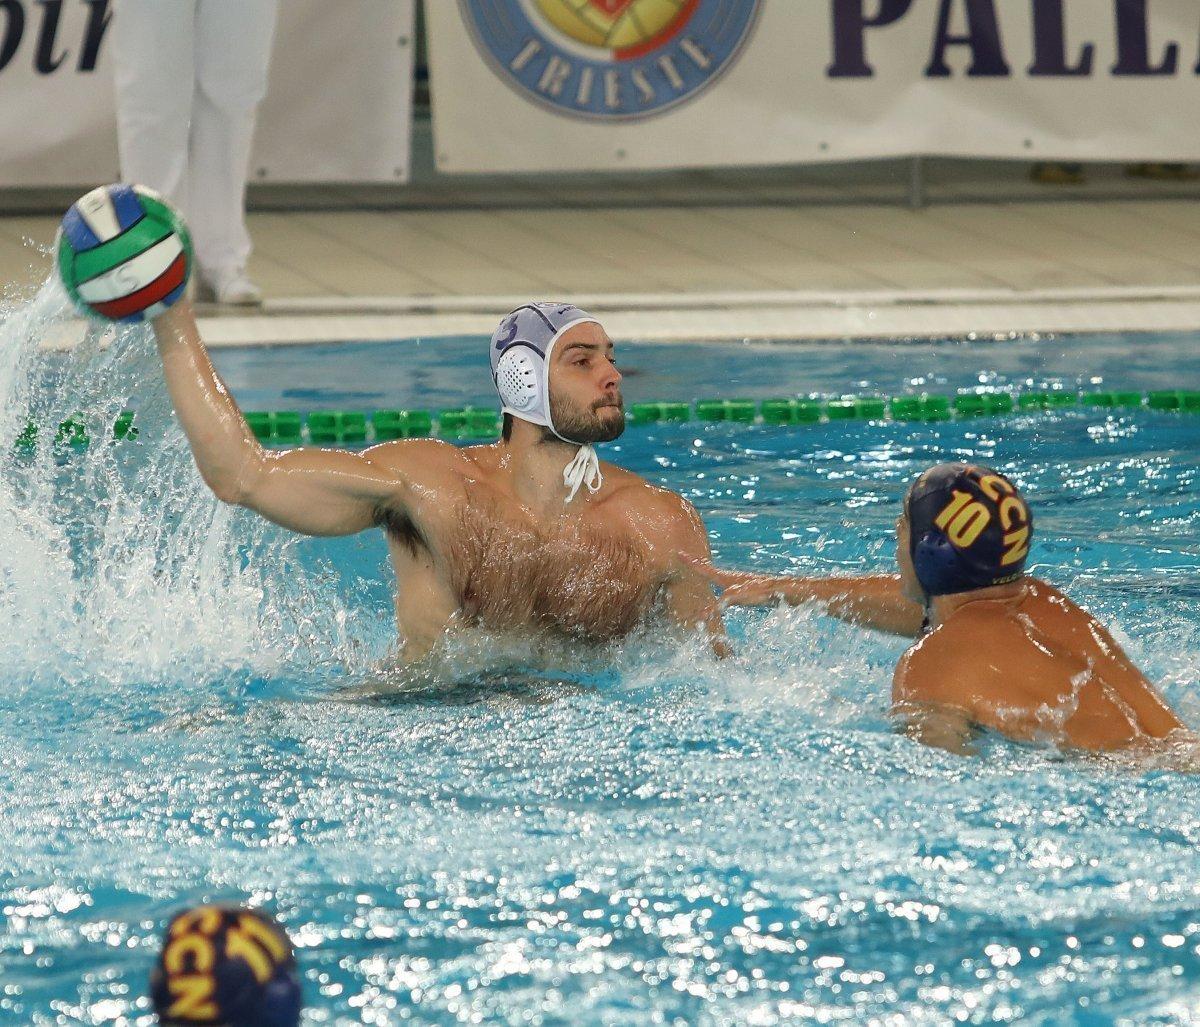 Pallanuoto, A1 maschile: Trieste riprende la Roma Nuoto a 9'' dalla fine